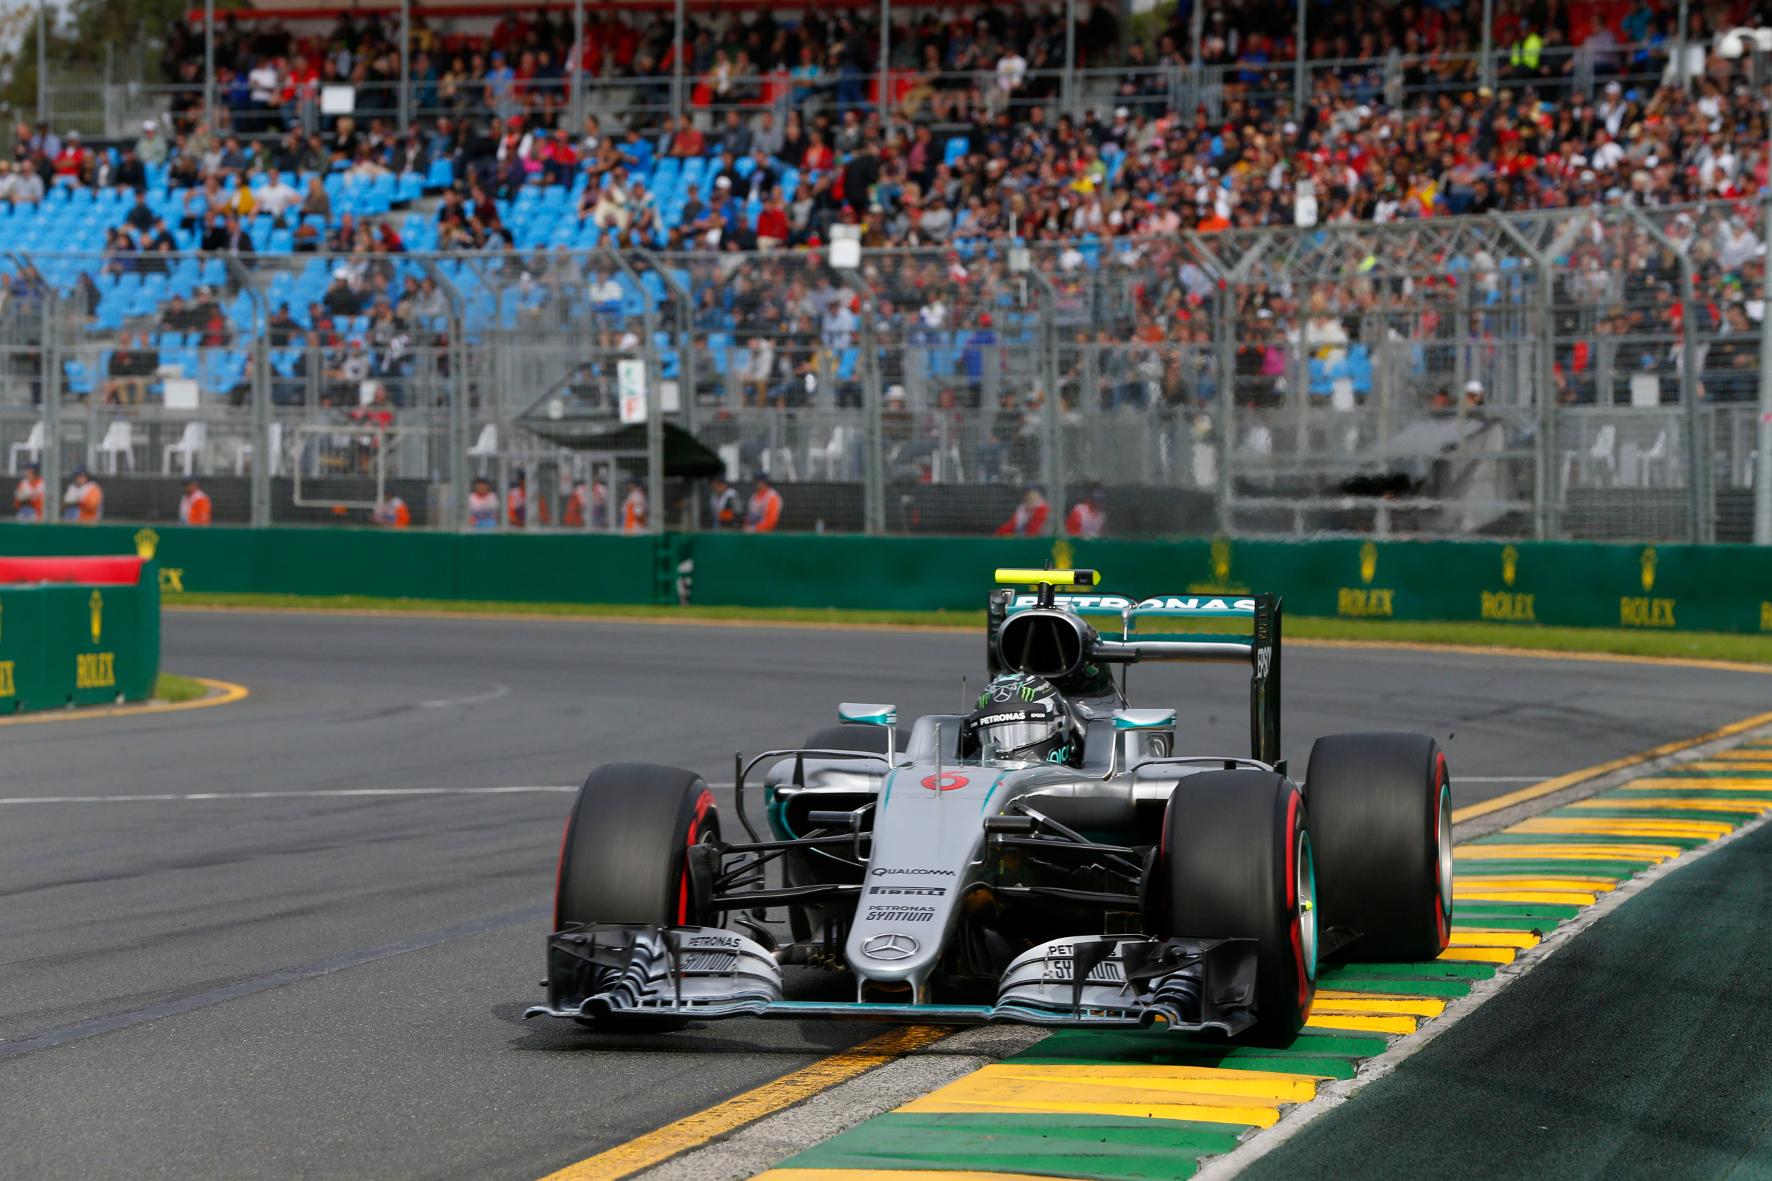 mid Groß-Gerau - Mercedes dominiert die Formel 1 auch 2016 nach Belieben. Auf einen Heim-Grand-Prix im kommenden Jahr kann sich das Mercedes AMG F1-Team dennoch nicht freuen